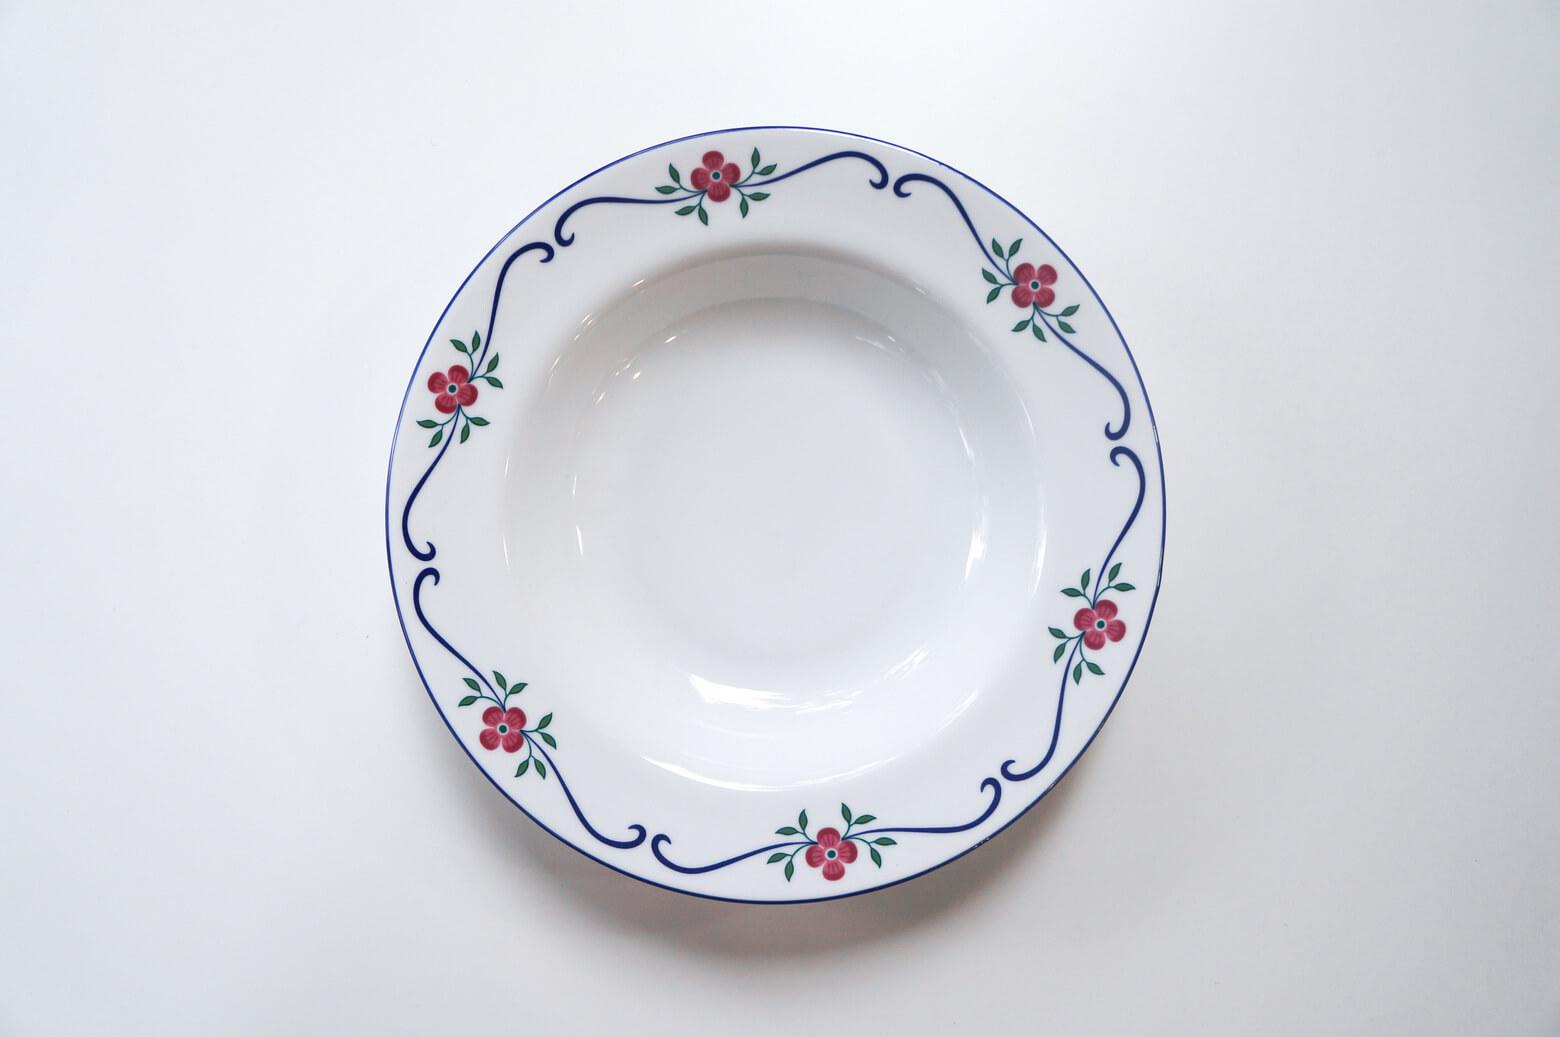 """1726年、スウェーデン皇室御用達釜として創業した陶器メーカー、Rorstrand/ロールストランド。 Sundborn/スンドボーンシリーズは女性デザイナーのPia Ronndahl/ピア・ロンダールが手がけました。 白地に赤いお花、緑色の葉っぱ、青色のラインがパッと映える、可憐でロマンティック、そしてクラシカルな雰囲気のシリーズです。 普段使いにはもちろん、おもてなしの時にもぜひお使いください。 ほとんど使用感のない、比較的良好なコンディションです。 Pia Ronndahl/ピア・ロンダールはお花を愛してやまない女性デザイナー。 お花モチーフの作品は彼女の代名詞にもなっており、""""彼女が筆を持つとお皿の上を躍動する""""と言われているんです♪ ~【東京都杉並区阿佐ヶ谷北アンティークショップ 古一】 古一/ふるいちでは出張無料買取も行っております。杉並区周辺はもちろん、世田谷区・目黒区・武蔵野市・新宿区等の東京近郊のお見積もりも!ビンテージ家具・インテリア雑貨・ランプ・USED品・ リサイクルなら古一/フルイチへ~"""